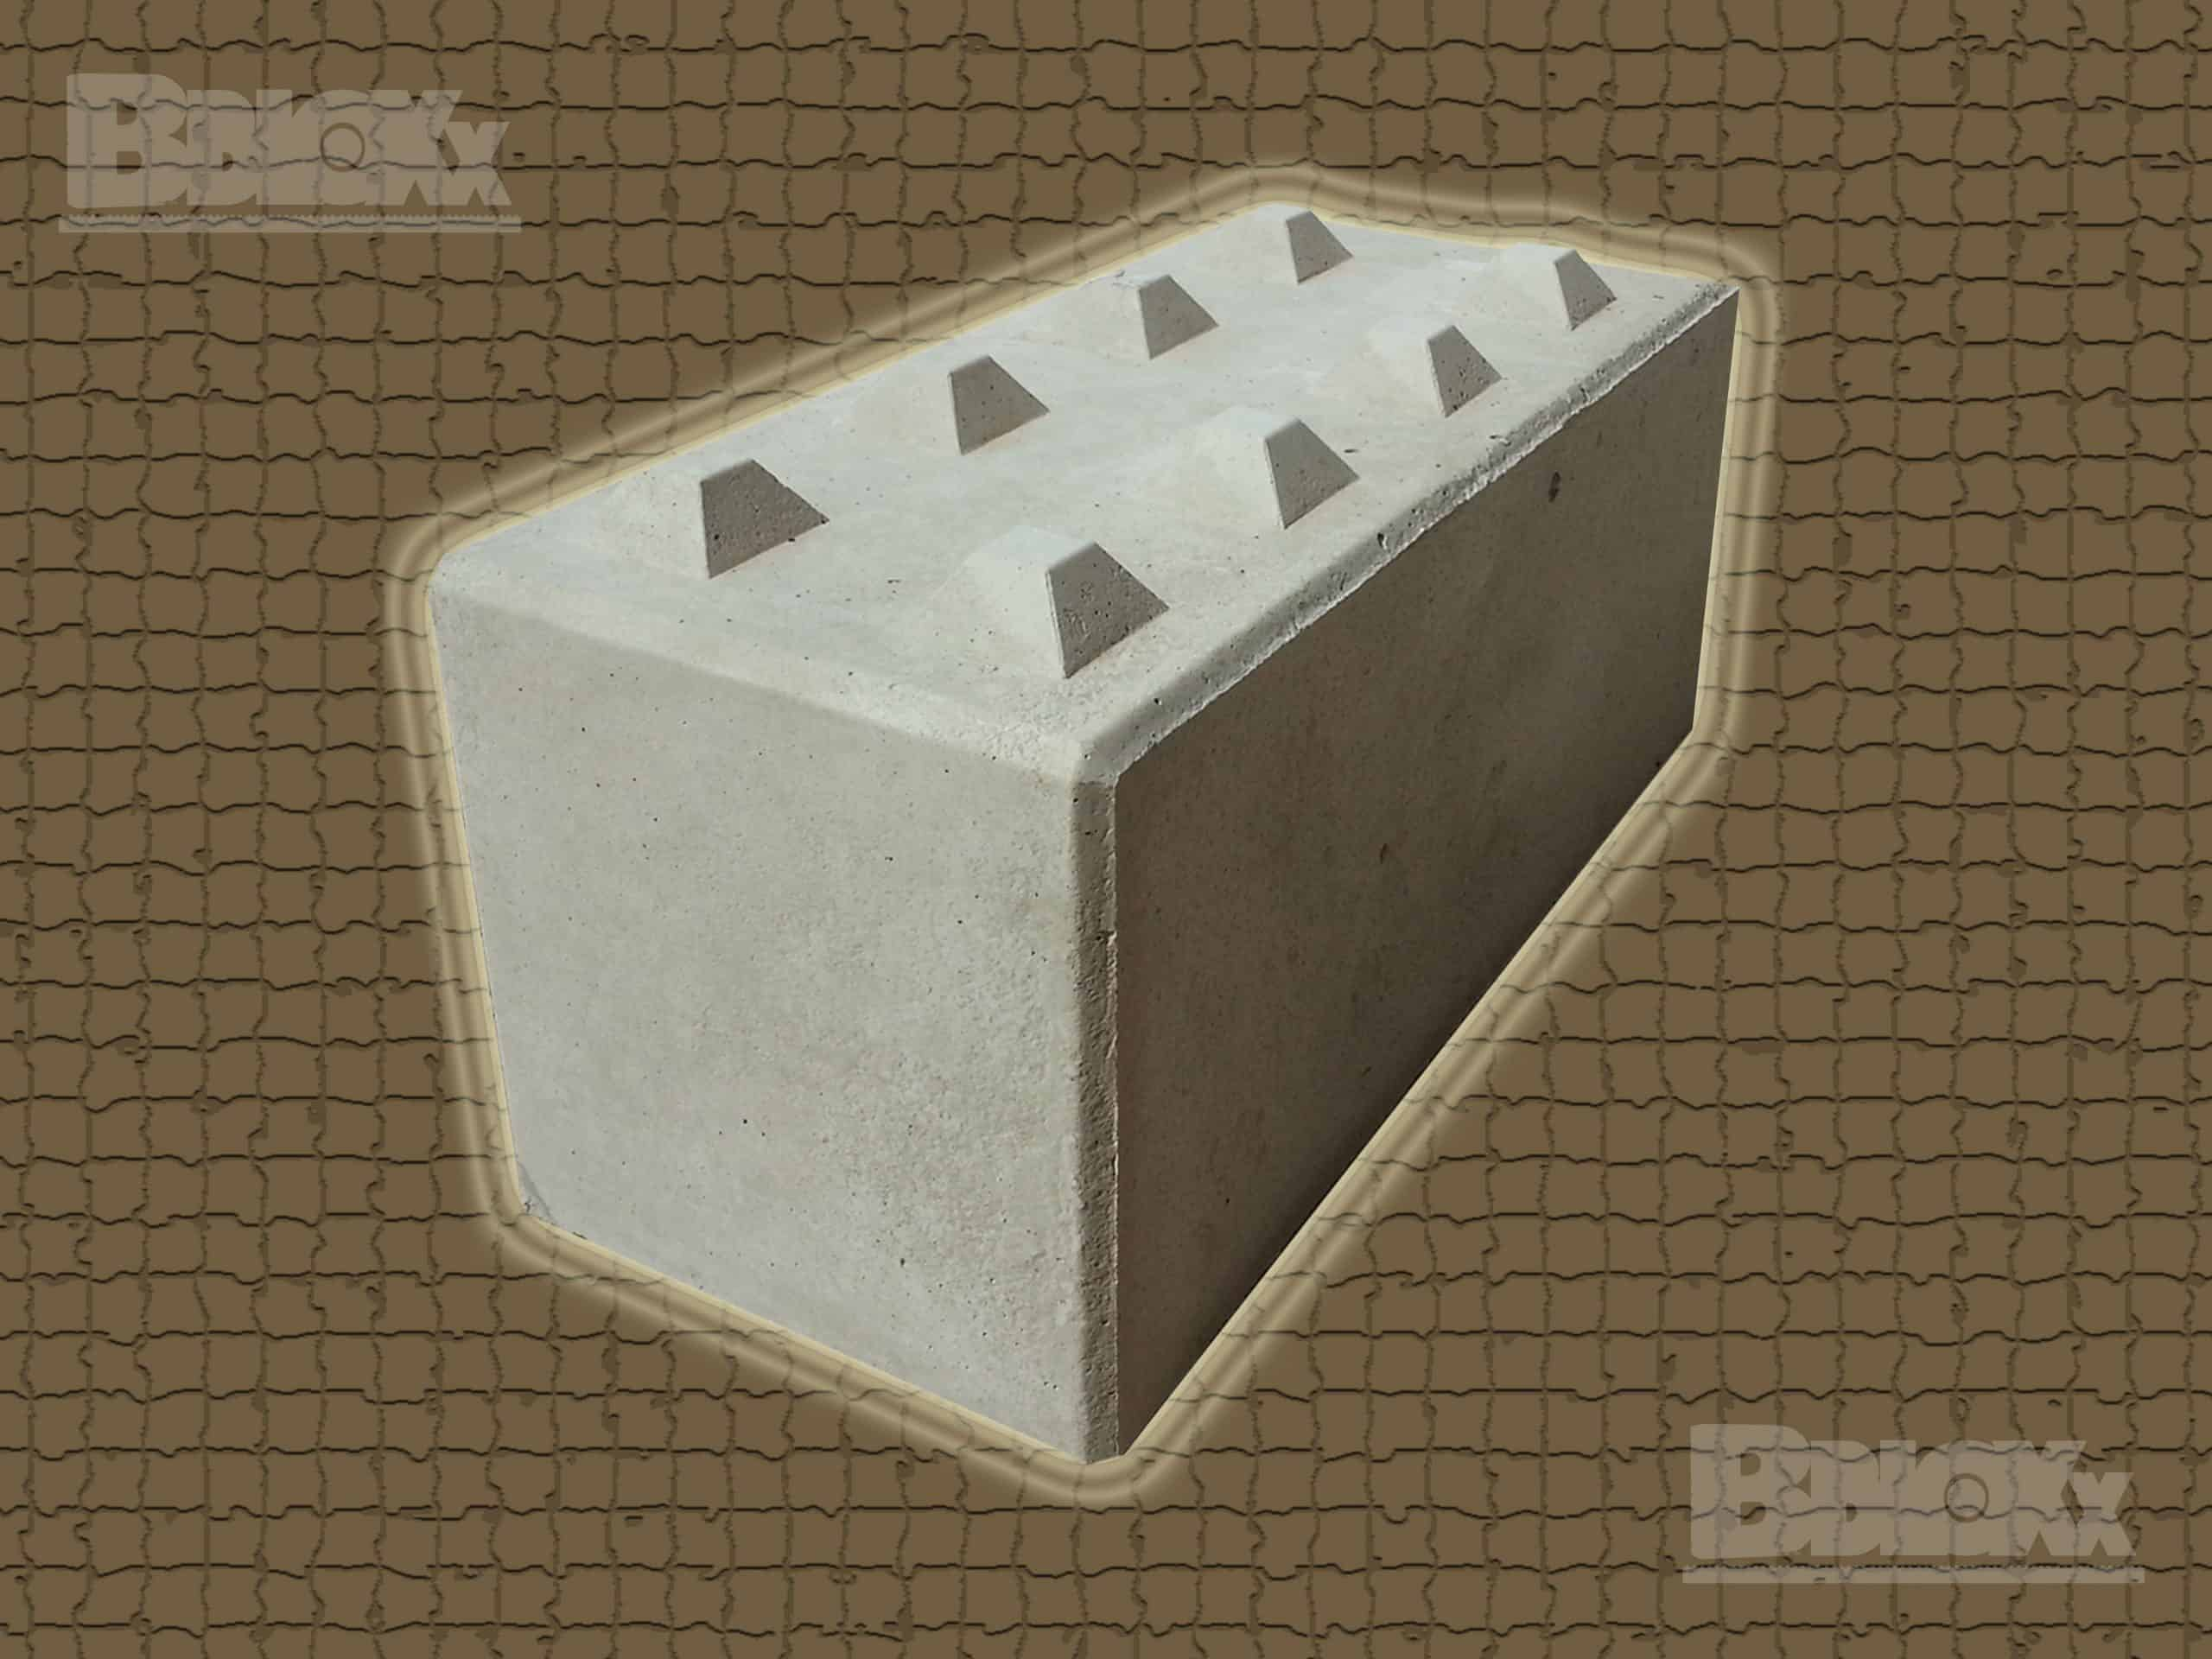 BBloxx-Schnellbaustein | 1.600 x 800 x 800 mm | Beton-Legostein, Betonblock, Beton-Stapelstein